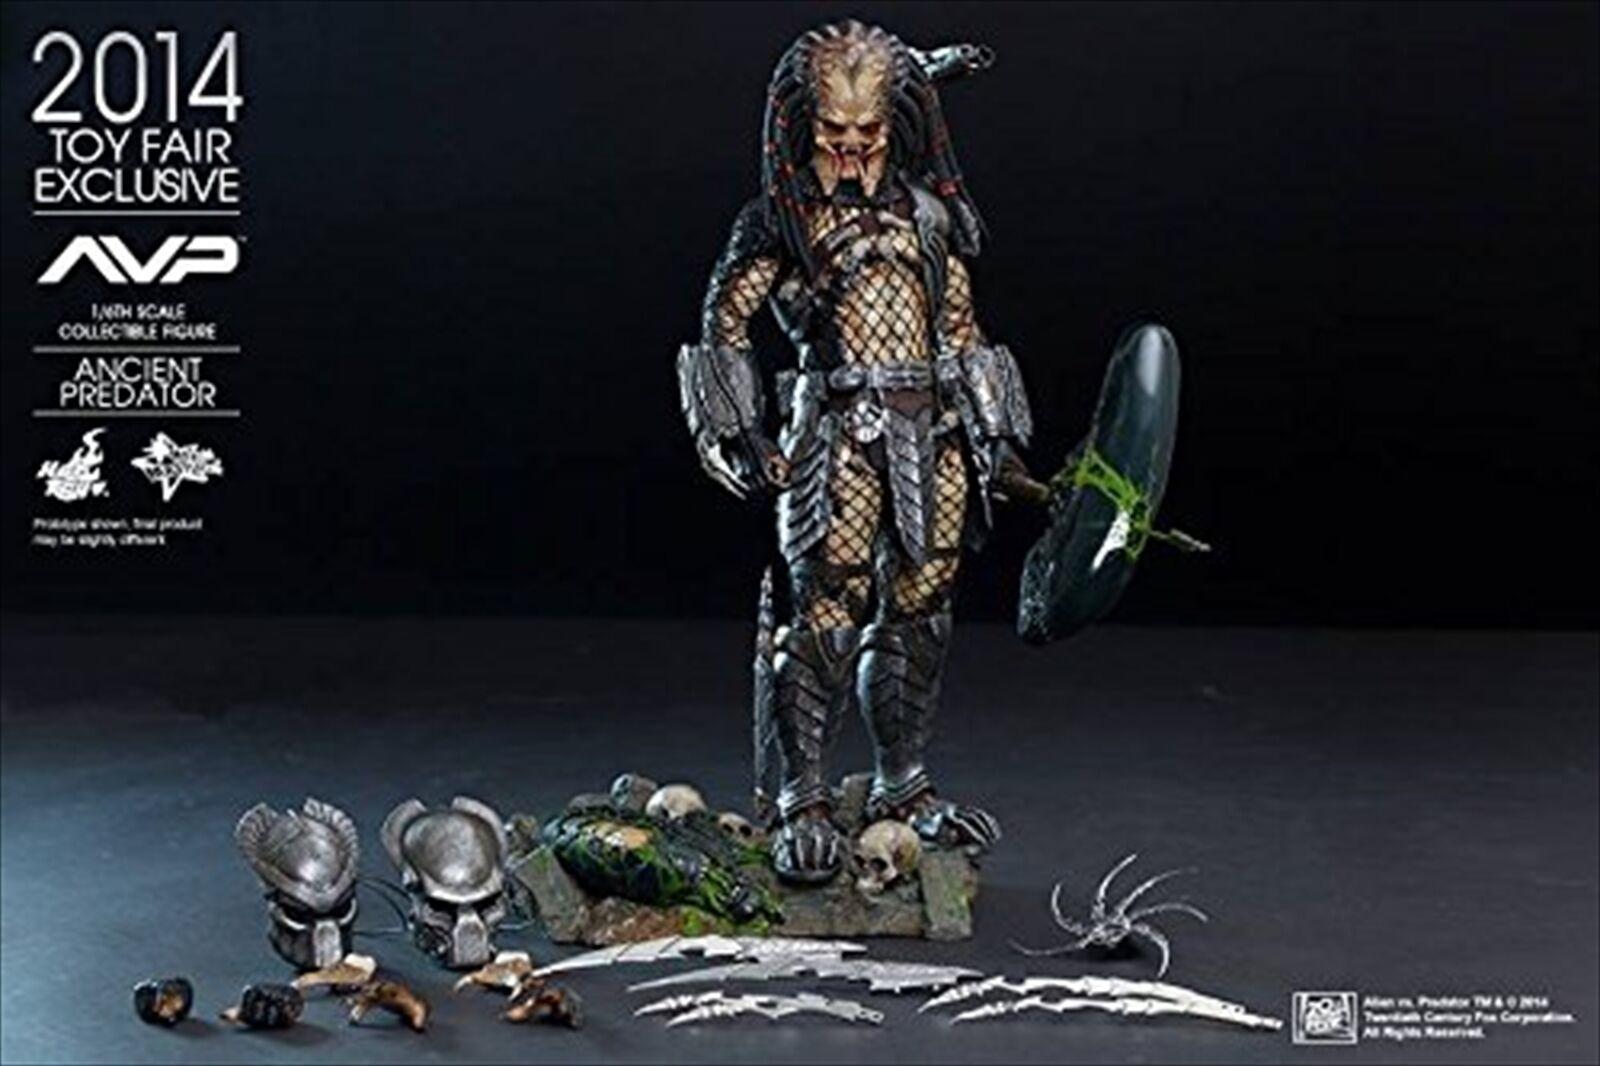 Caliente giocattoli Alien vs Prossoator  AVP Ancient Prossoator Ver.2.0 1 6 azione cifra  le migliori marche vendono a buon mercato